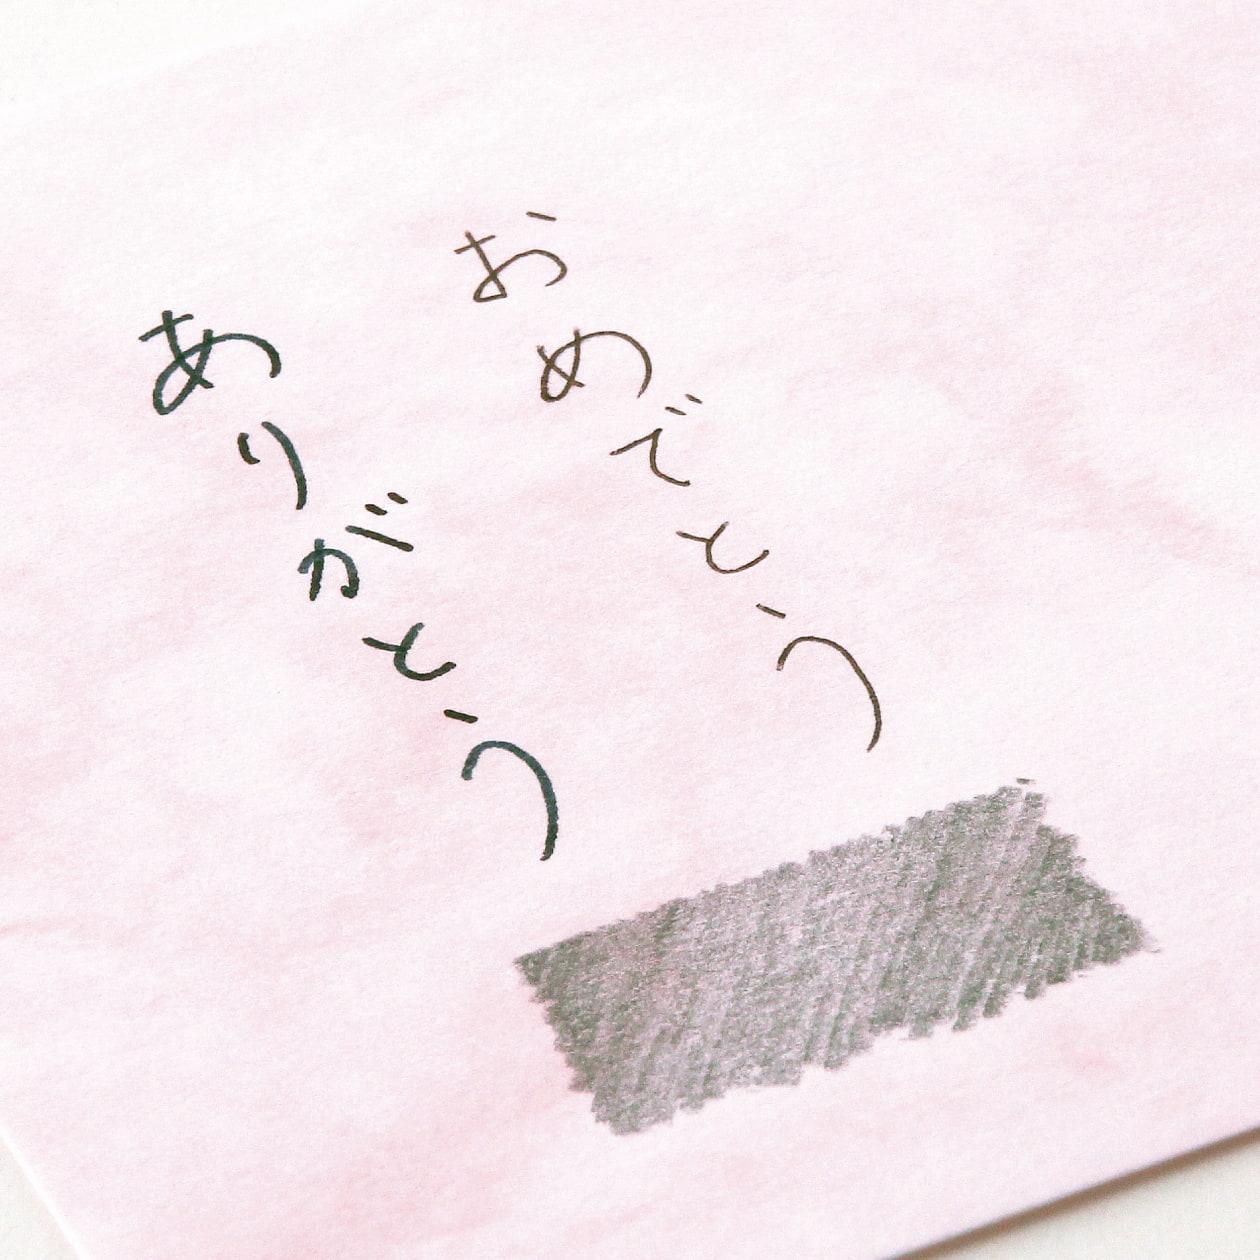 Pカード アトモス ぼたん 197.7g